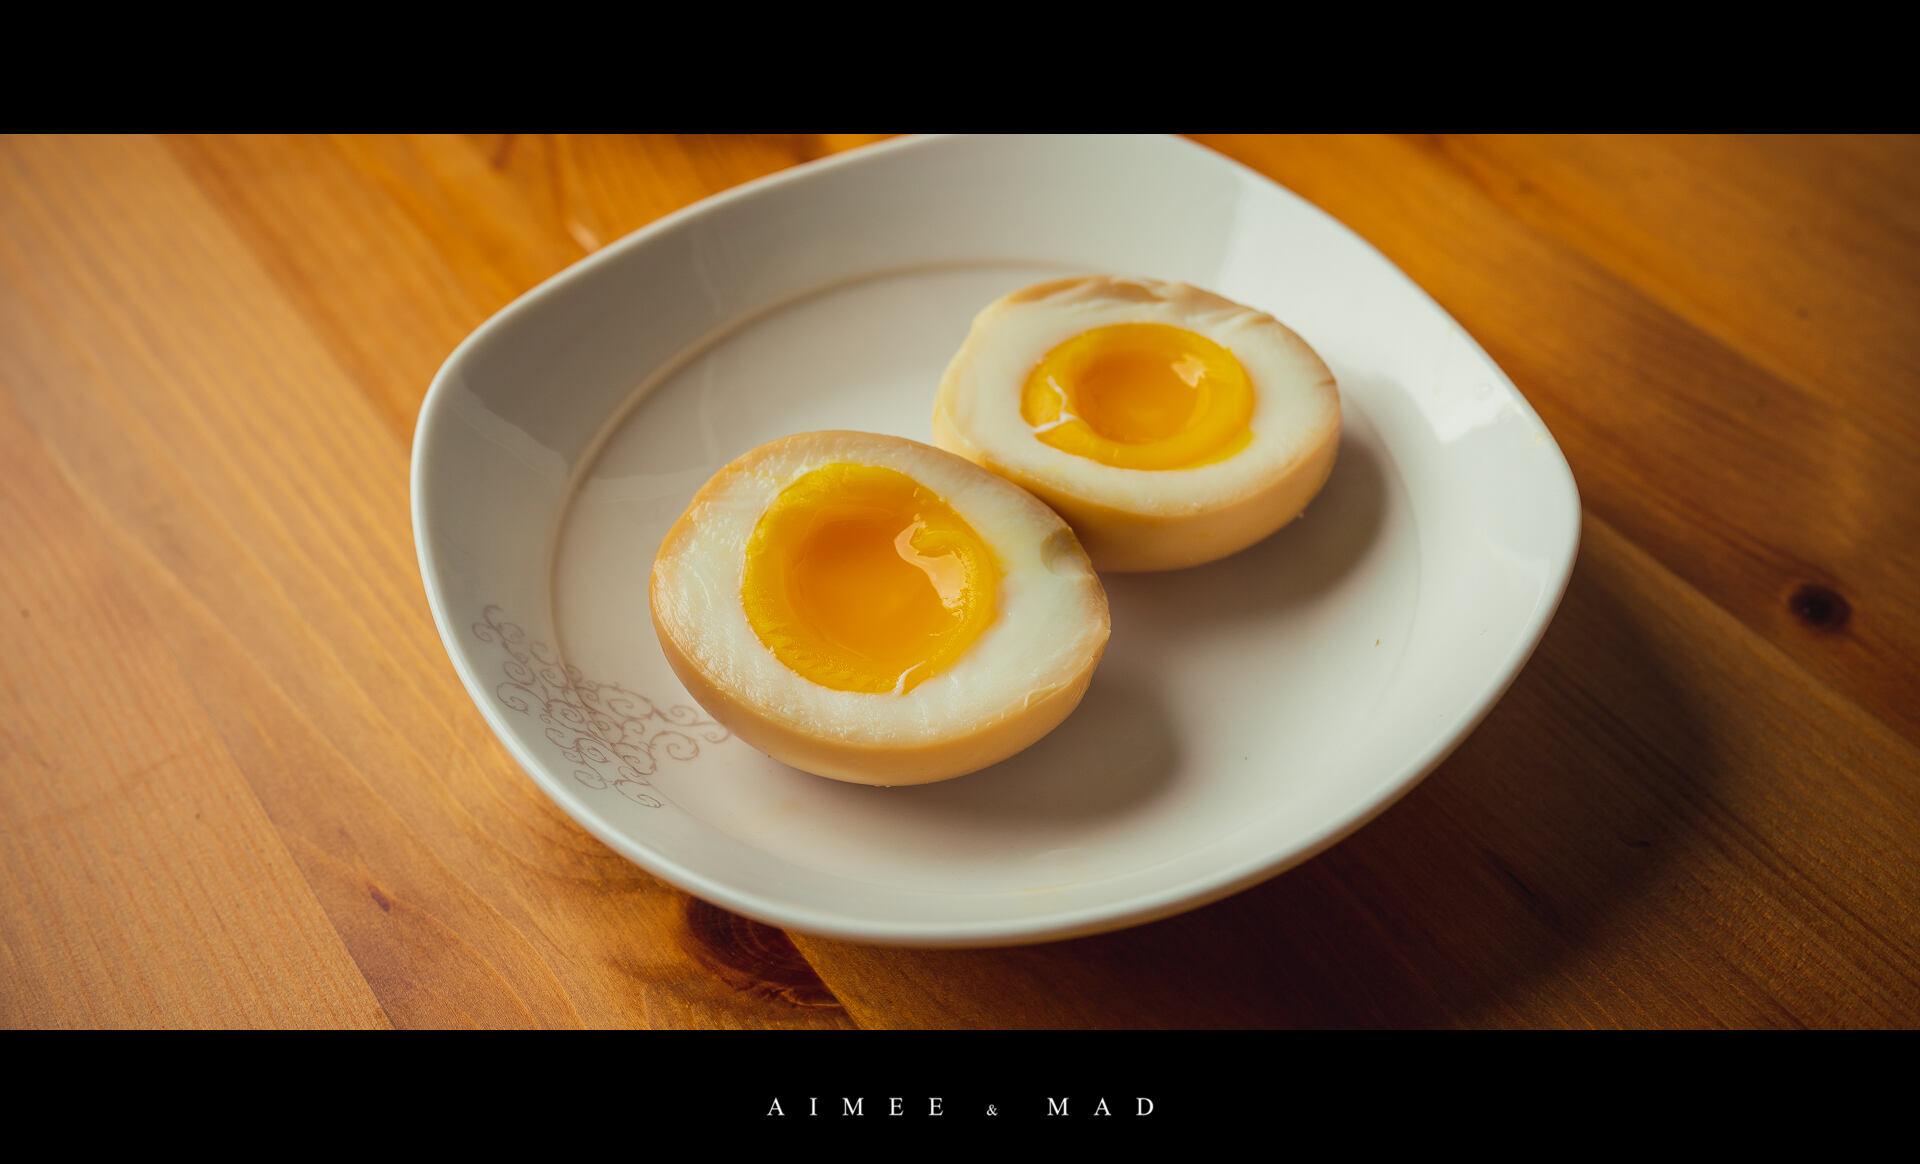 【茶燻蛋】如何讓蛋半熟又好剝,最佳煮法和時間?燻料用什麼不會苦,看這一篇!